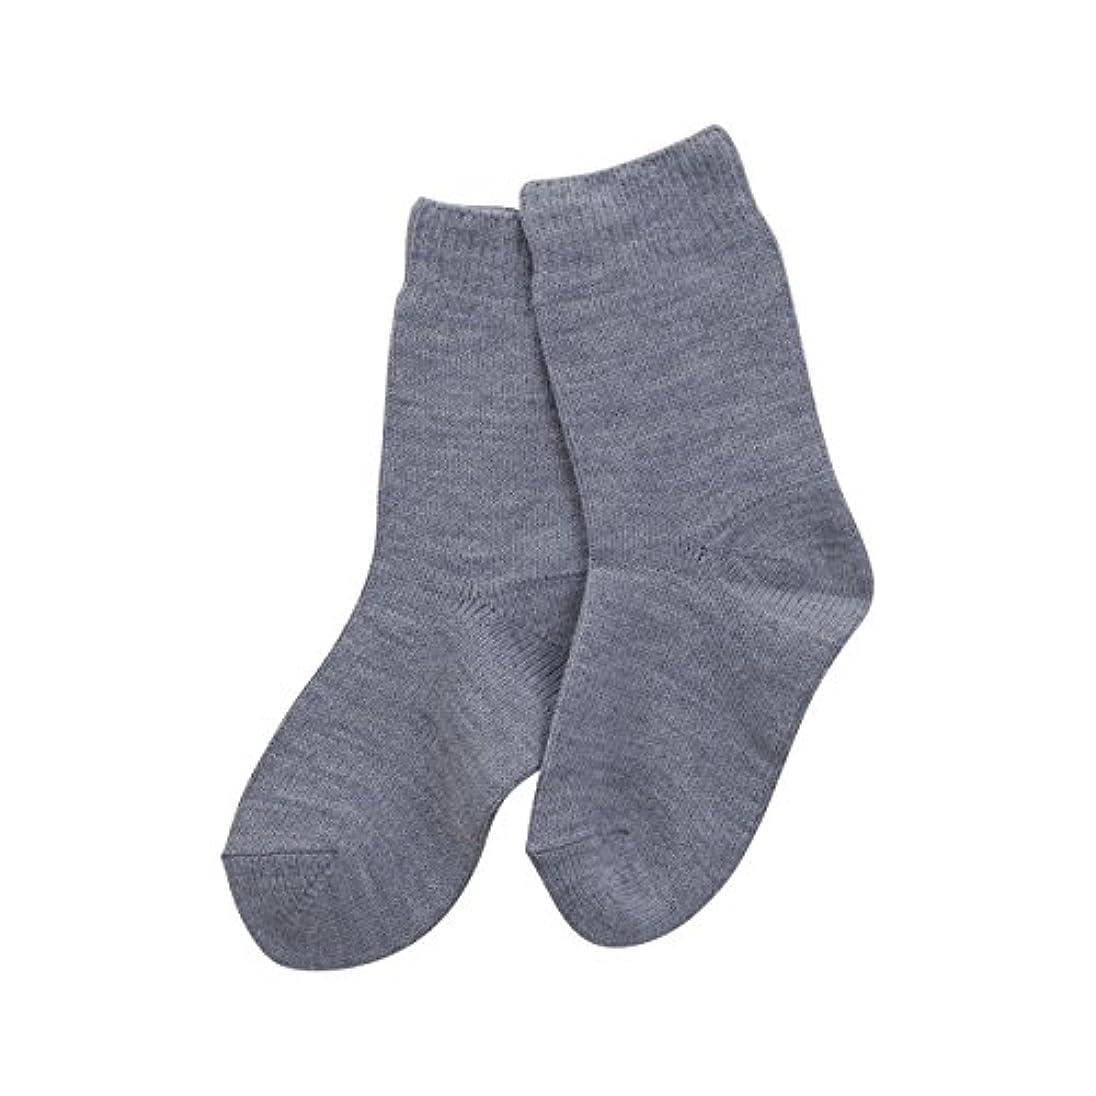 ルーチン褐色極めて重要な(コベス) KOBES ゴムなし 毛混 超ゆったり特大サイズ 大きいサイズ 靴下 日本製 婦人靴下